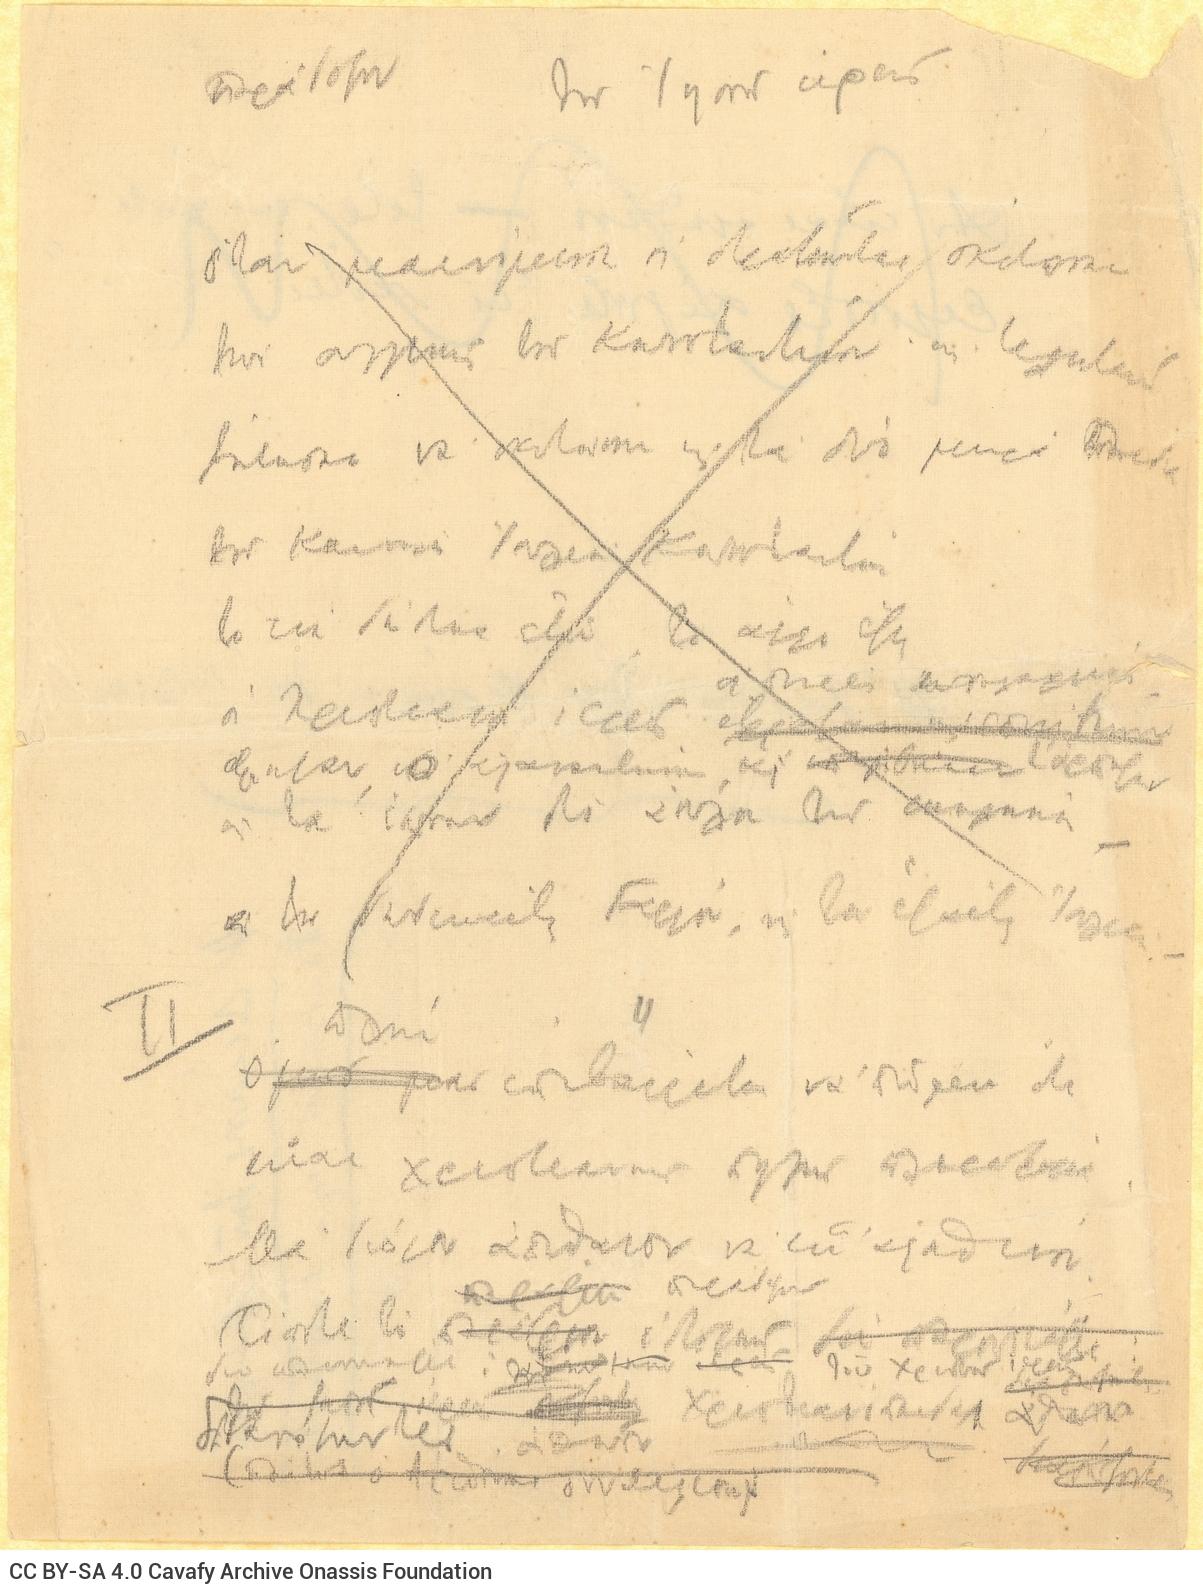 Χειρόγραφο σχεδίασμα και σημειώσεις για το ποίημα «Η Διάσωσις του